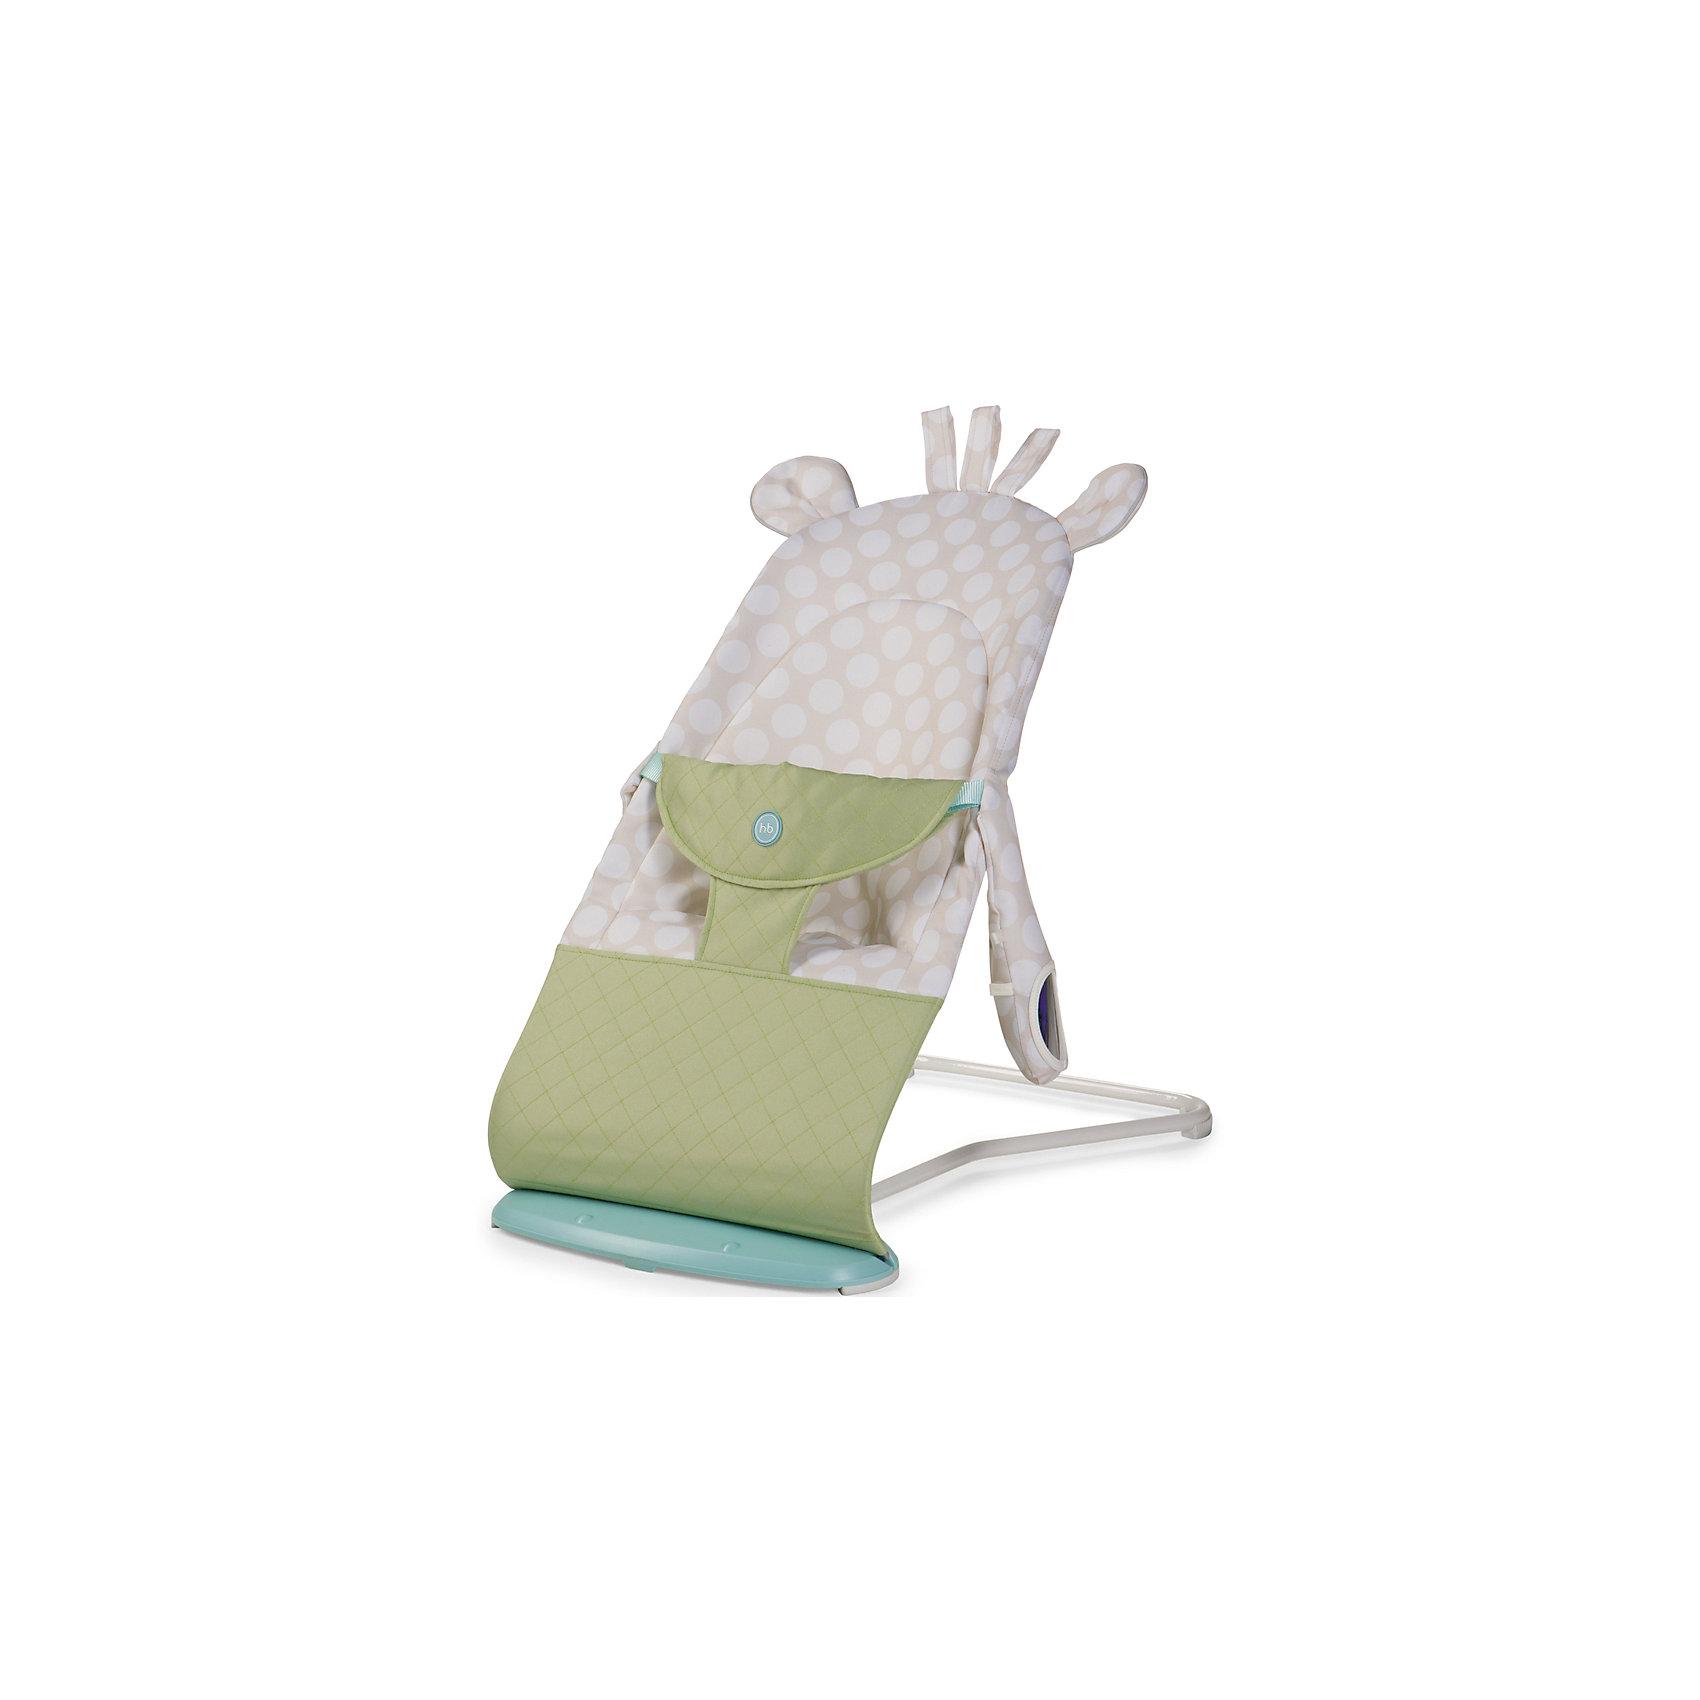 Шезлонг Happy Baby Sleeper, Happy Baby, зеленыйШезлонги<br>Легкий и компактный шезлонг SLEEPER из коллекции CLASSIC станет настоящим помощником мамы ребенка до 6 месяцев и не займет много места в доме. Благодаря четырем положениям наклона спинки и возможности регулировать их одной рукой, шезлонг без усилий можно переводить из вертикального положения в горизонтальное и обратно. Уснуть малышу поможет естественное покачивание. Несмотря на свою простую современную конструкцию, SLEEPER очень устойчивая и надежная модель шезлонга, малыши себя чувствуют очень комфортно в шезлонге и надежно зафиксированы, благодаря трусикам с тремя точками фиксации и четырем опорам шезлонга. Одно из положений шезлонга в 45 градусов поможет малышу быстрее избавиться от лишнего воздуха, который он заглатывает вместе с пищей, следовательно, и колики будут беспокоить кроху гораздо меньше. У шезлонга есть 2 лапки, в одной из которых вставлено зеркальце, а в другой размещен шуршащий элемент, что позволит развивать первые зрительные, слуховые и тактильные навыки. Мягкий съемный чехол легко снимается и стирается. <br><br>Дополнительная информация:<br><br>Возраст: с рождения<br>Максимальный вес ребенка: 9 кг<br>Вес шезлонга: 2 кг<br>Кол-во положений спинки: 4<br>Ширина посадочного места: 30 см<br>Глубина посадочного места: 12 см<br>Длина спального места: 79 см<br>Размеры в сложенном виде: 83х40х12 см<br>Размеры в разложенном виде: 69х40х62 см<br><br>Шезлонг Happy Baby Sleeper, Happy Baby, зеленый можно купить в нашем магазине.<br><br>Ширина мм: 120<br>Глубина мм: 420<br>Высота мм: 840<br>Вес г: 3000<br>Цвет: зеленый<br>Возраст от месяцев: 0<br>Возраст до месяцев: 6<br>Пол: Унисекс<br>Возраст: Детский<br>SKU: 4655707